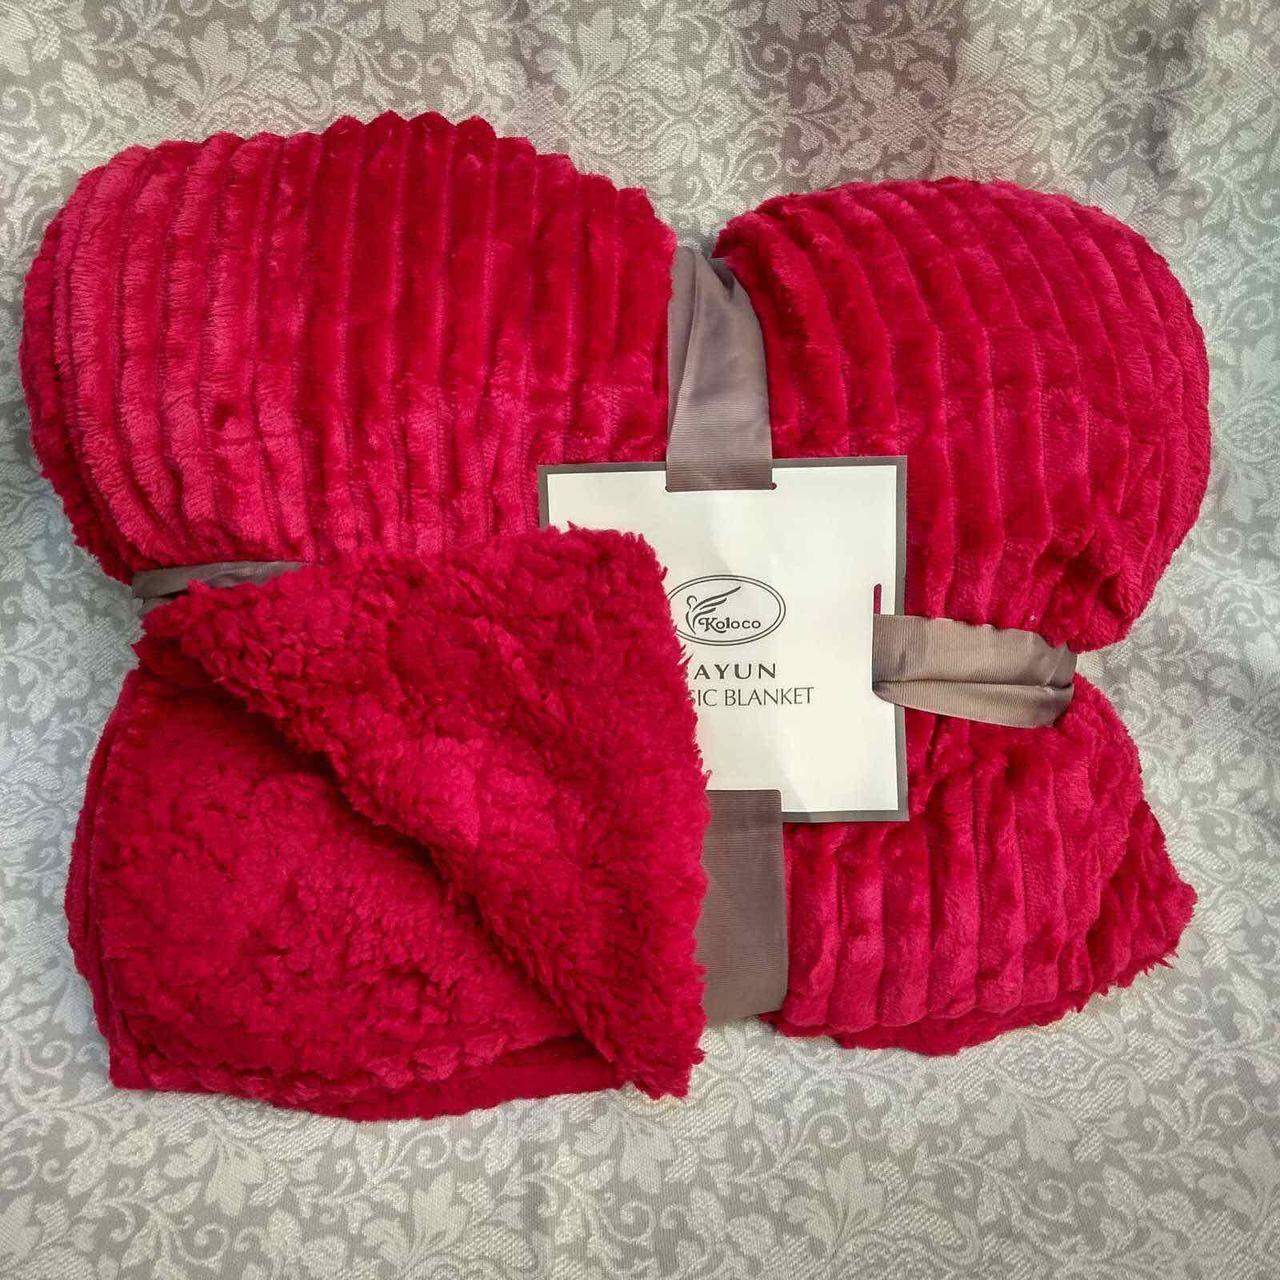 Бамбуковый плед - покрывало полоса двойное с отворотом на овчине цвет красный